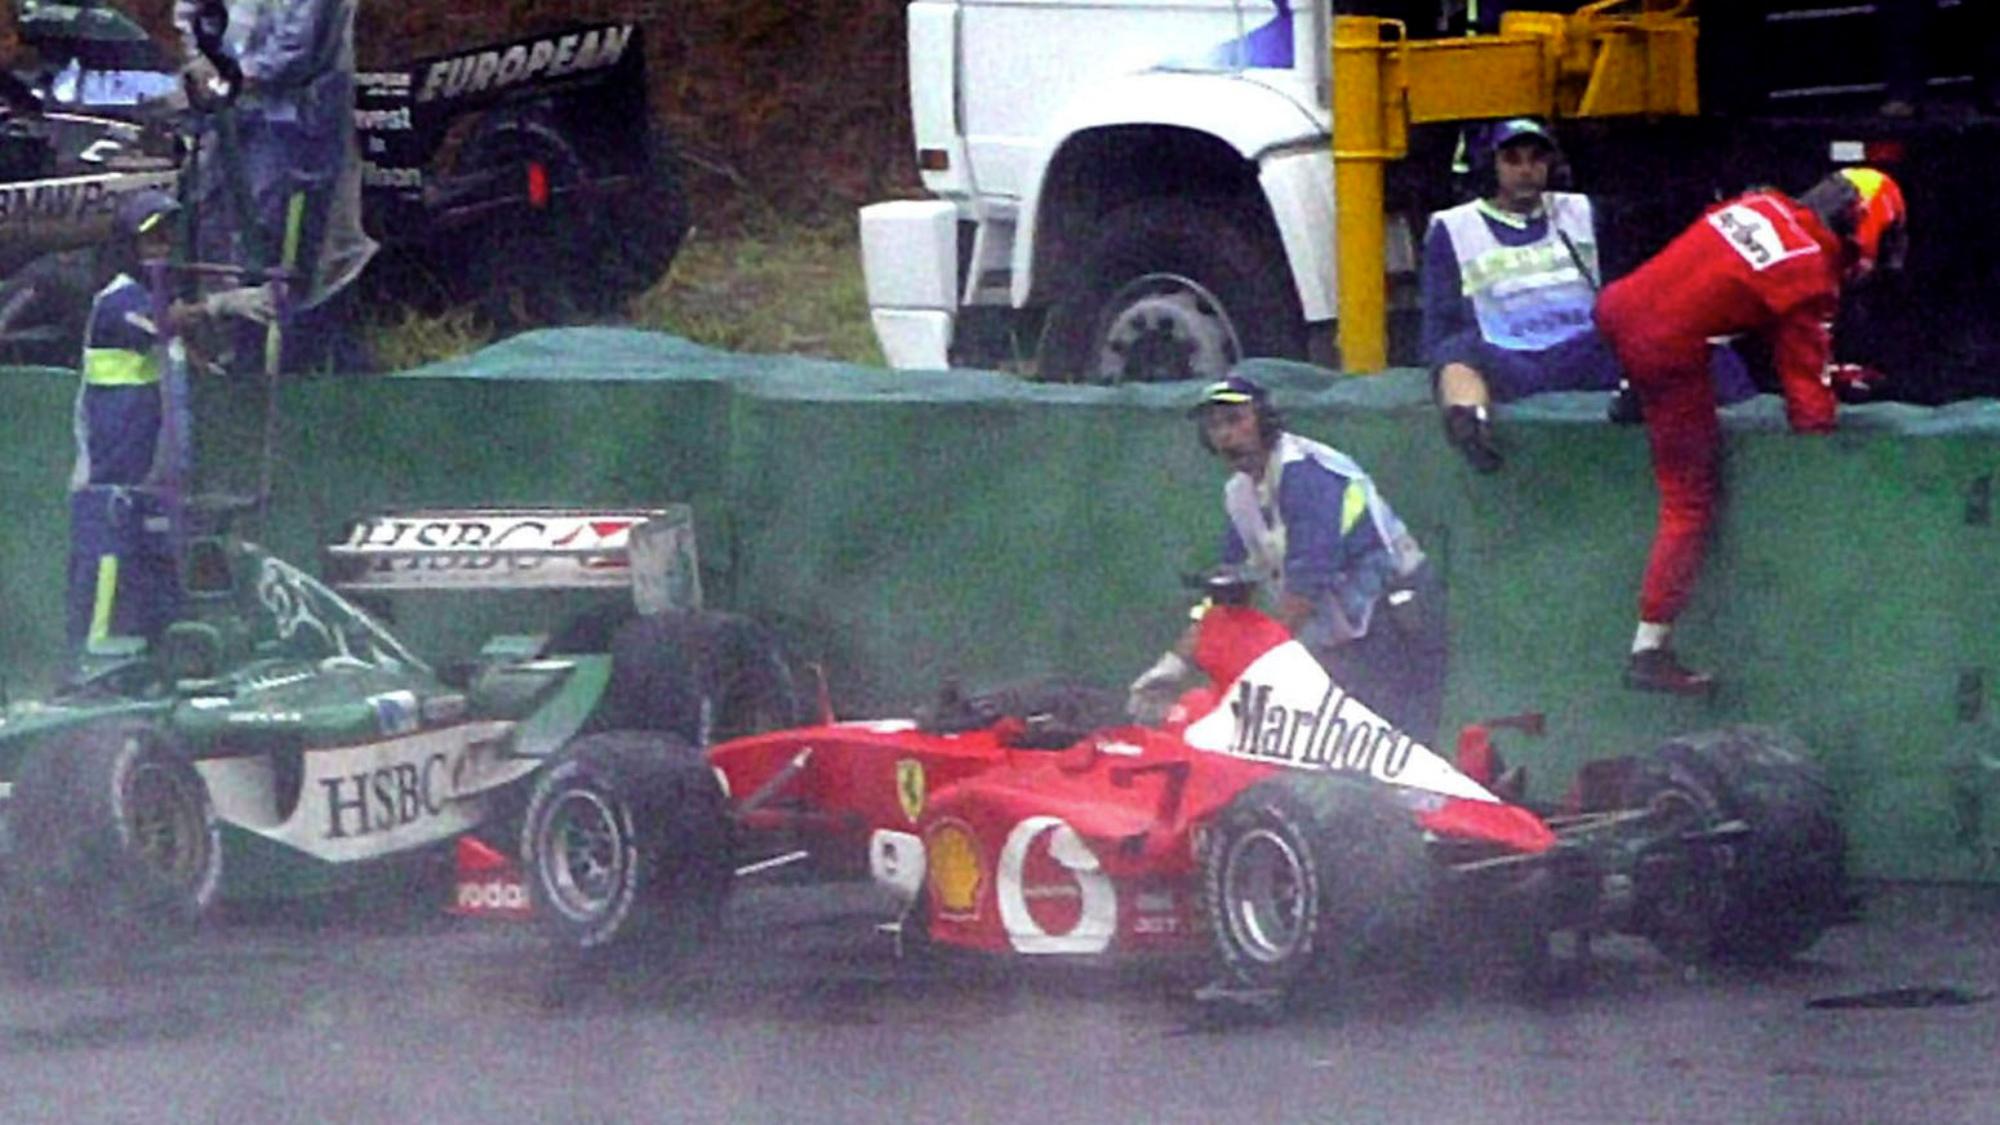 Michael Schumacher, Brazil 2003